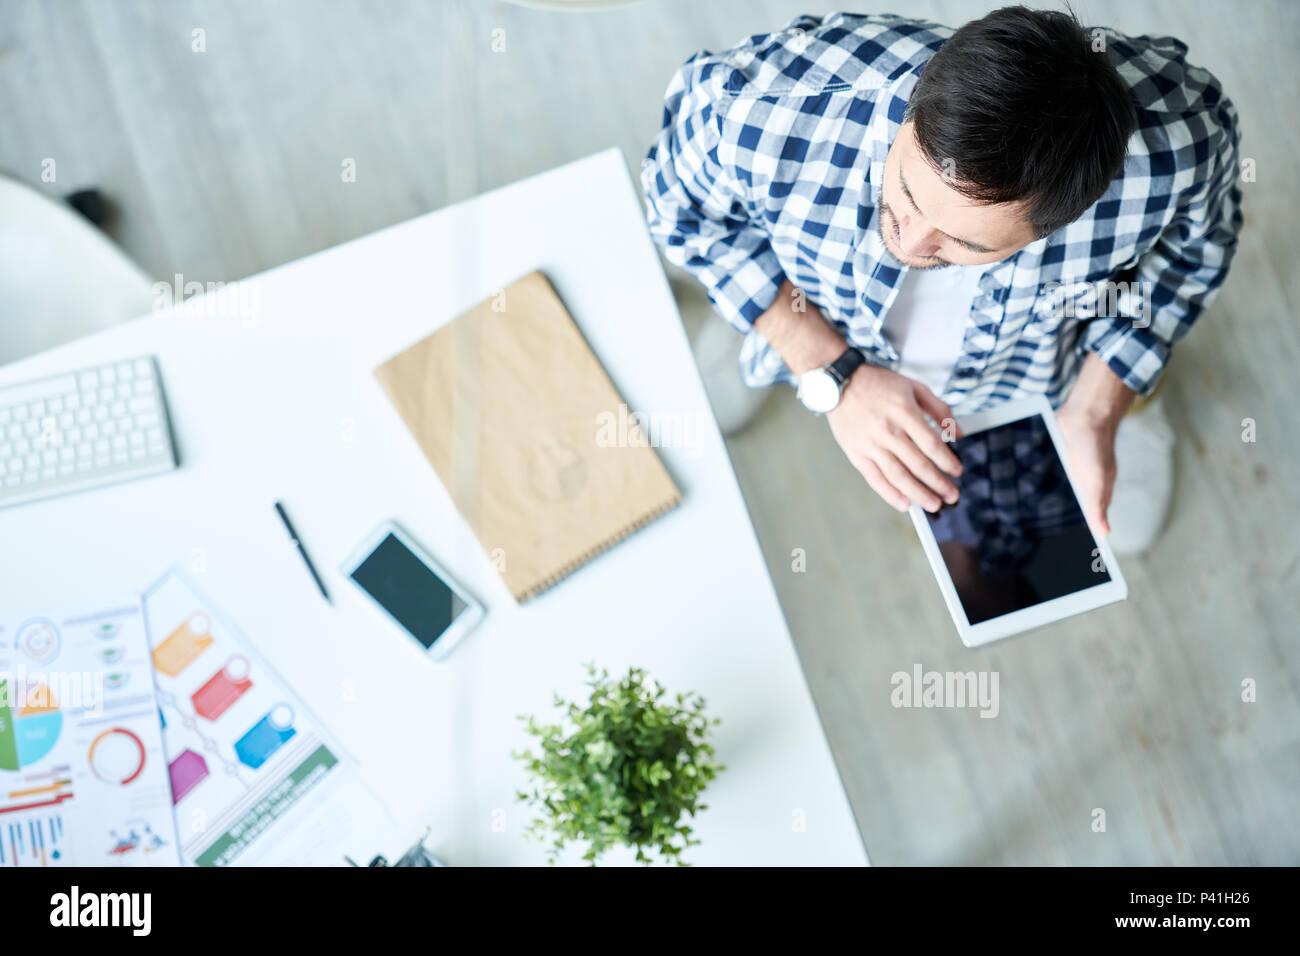 L'homme avec l'espace de travail à tablette Photo Stock